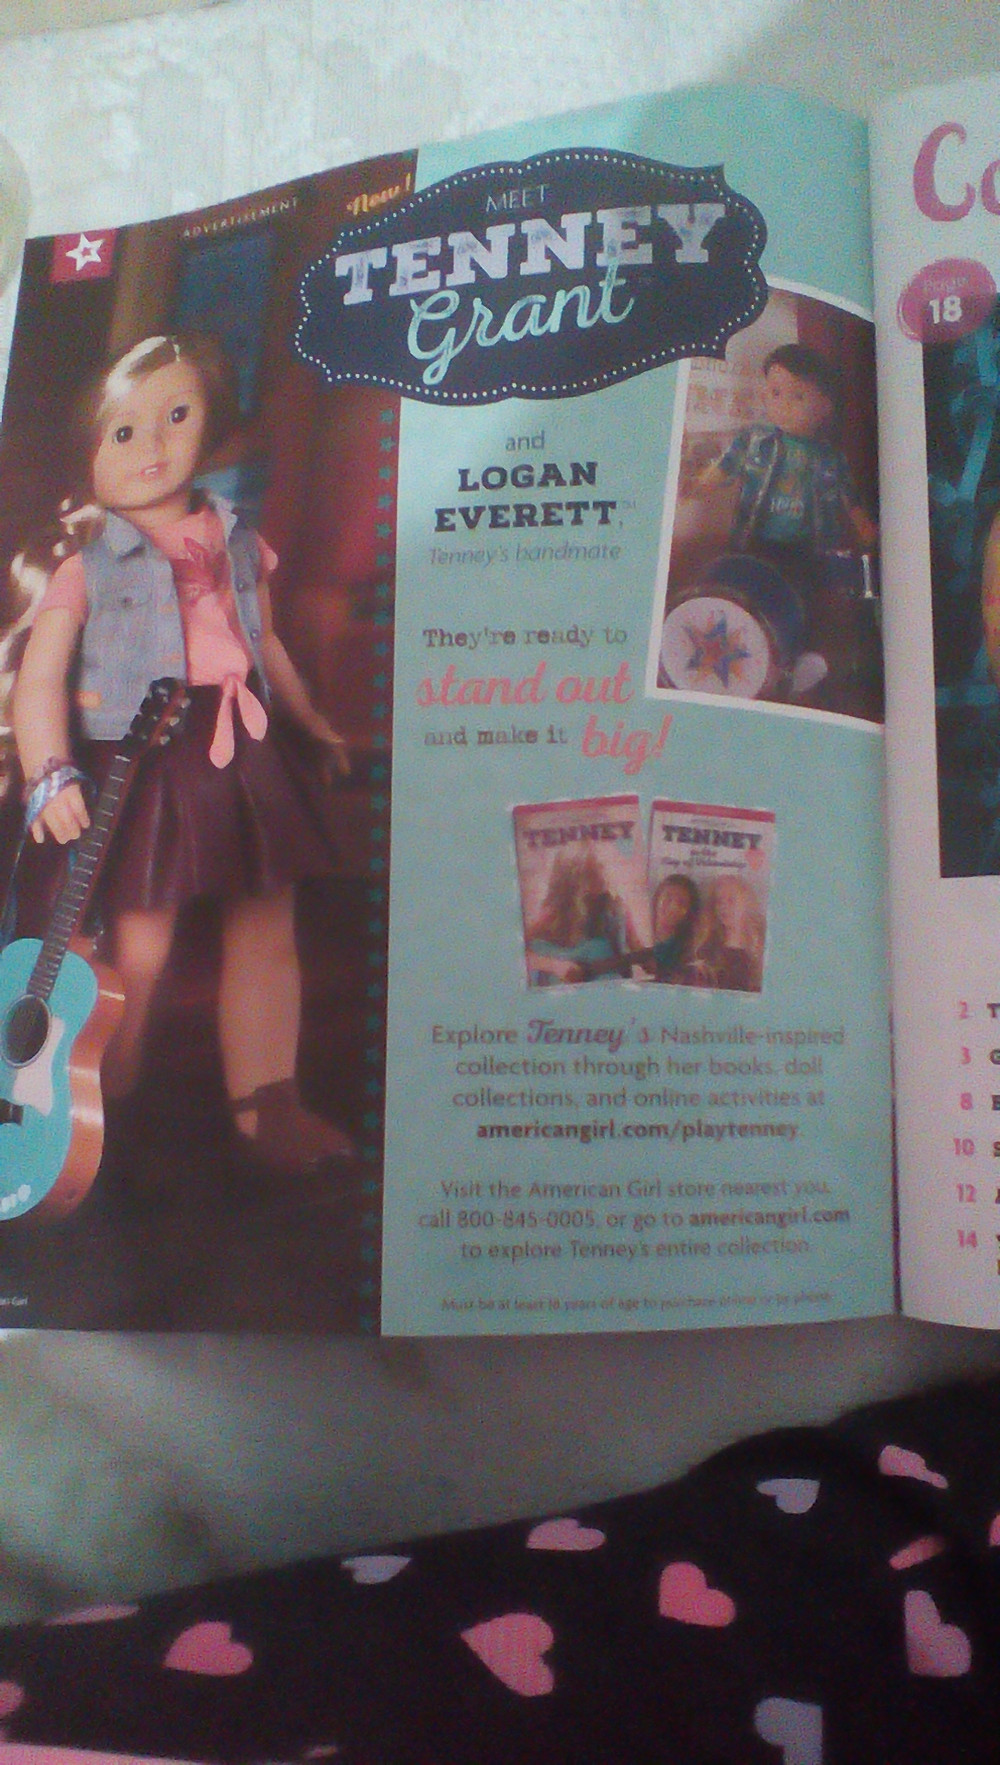 logan everett, american girl doll logan everett, american girl logan, american boy doll, logan everett doll,